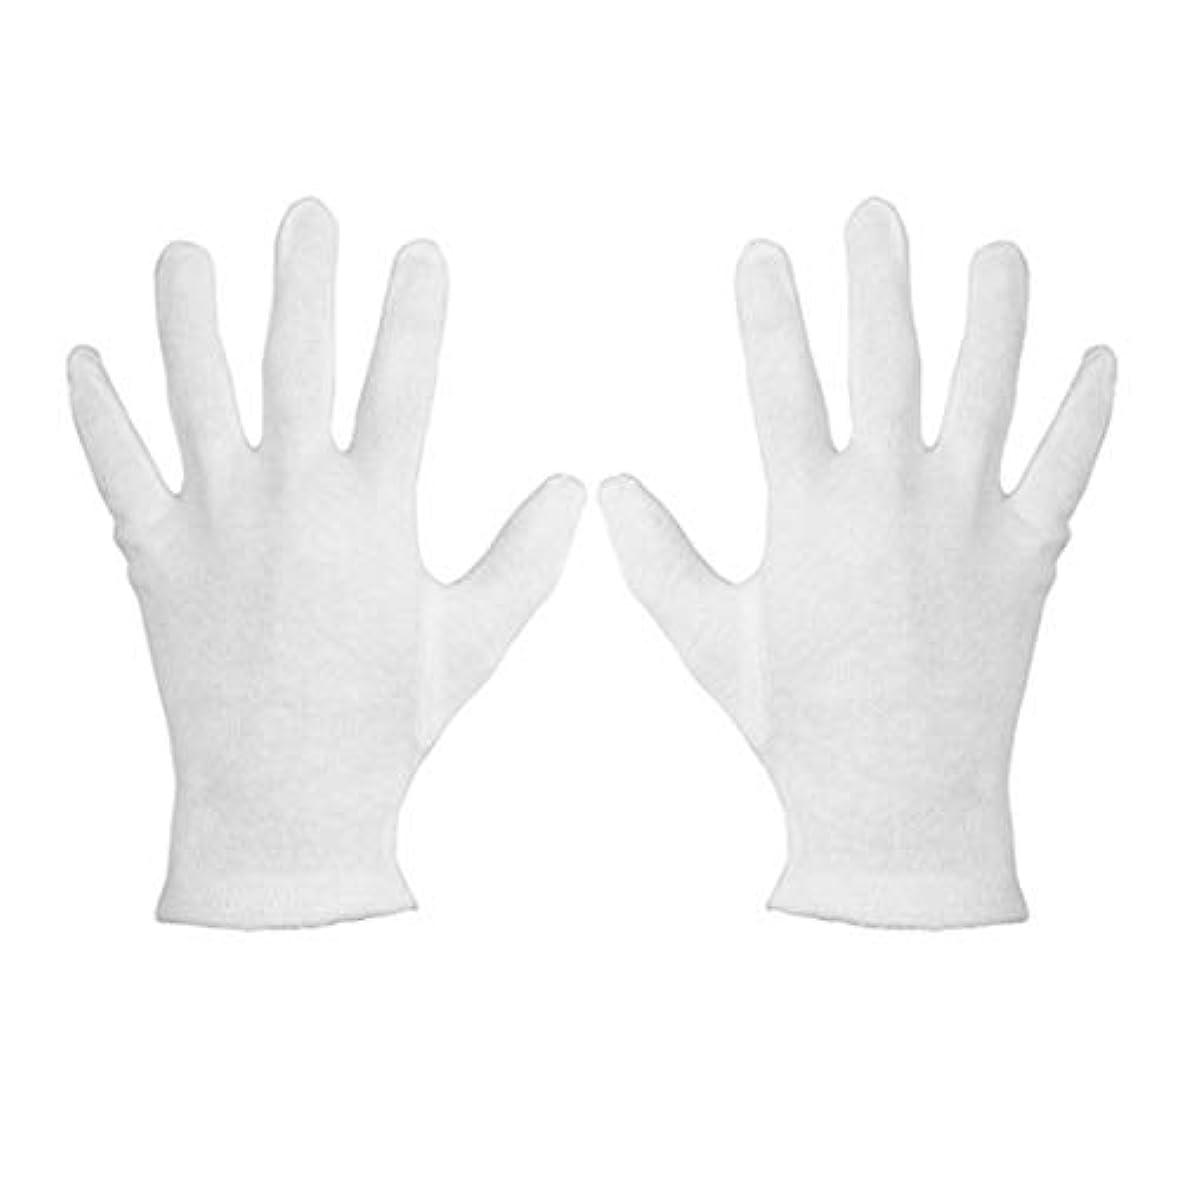 全滅させる集中貪欲OU-Kunmlef 乾いた手治癒と美しさ- Wii(None S White S code(12 pairs of dozens))